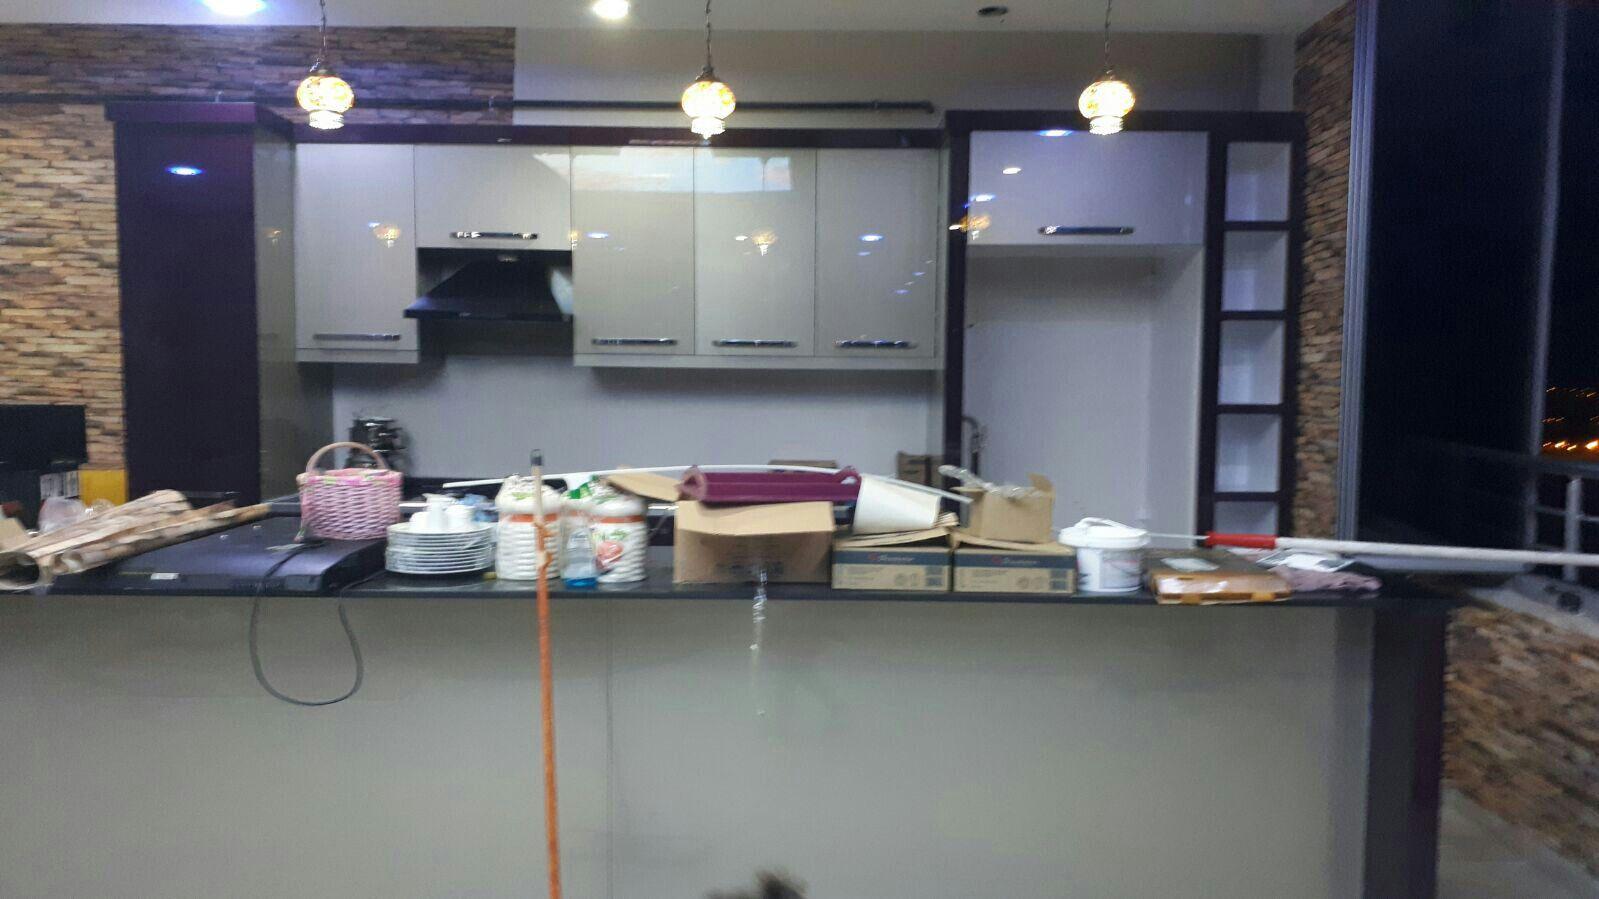 Koyu renkli modern bambu mutfak dolab modeli moda dekorasyonlar - Kitchen Rugred Kitchenkitchen Ideasopen Shelvingtable And Chairsravesexpressed